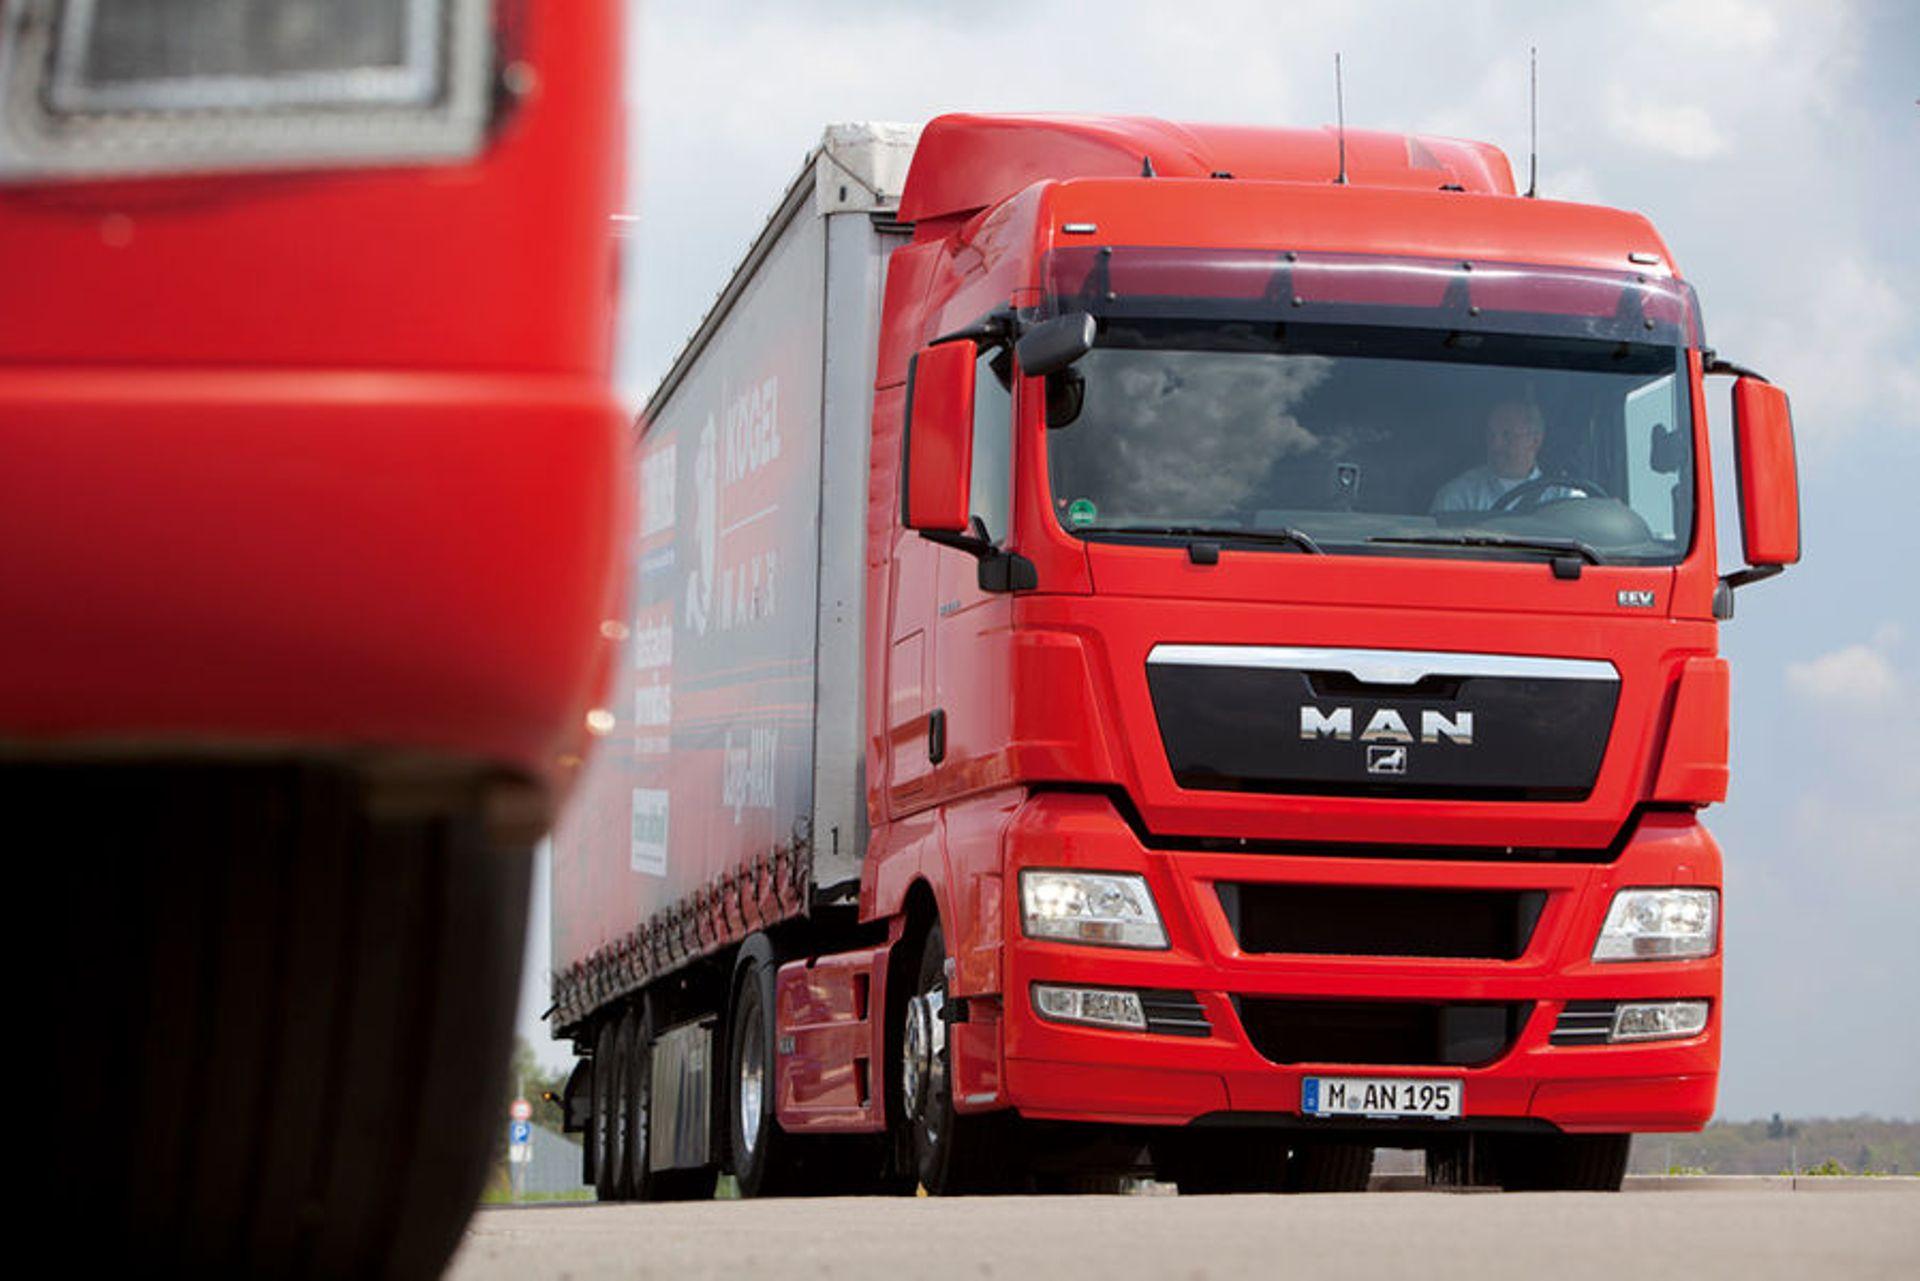 Małopolska: Niemiecki MAN Trucks zwiększy zatrudnienie w fabryce w Niepołomnicach